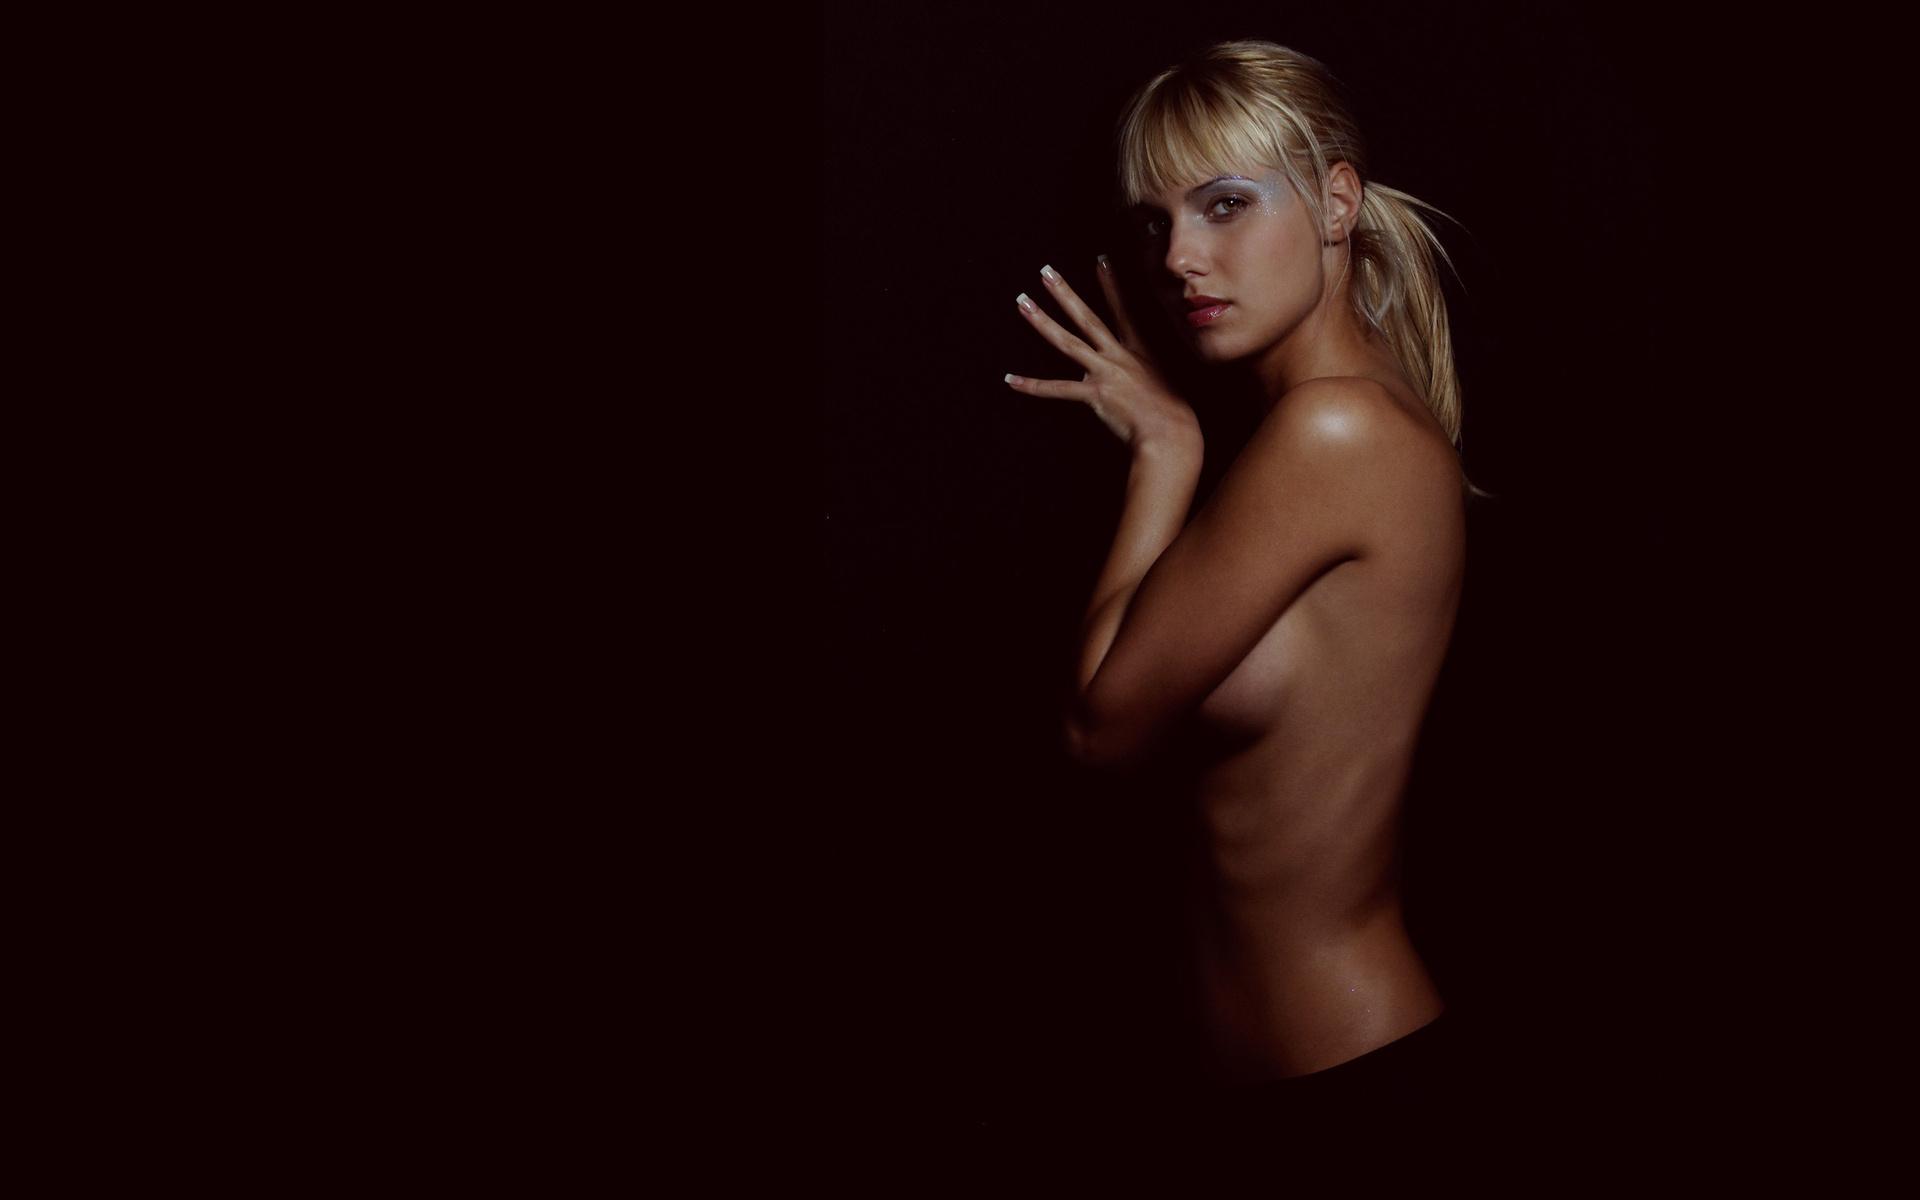 eroticheskie-kartinki-na-rabochiy-stol-blondinok